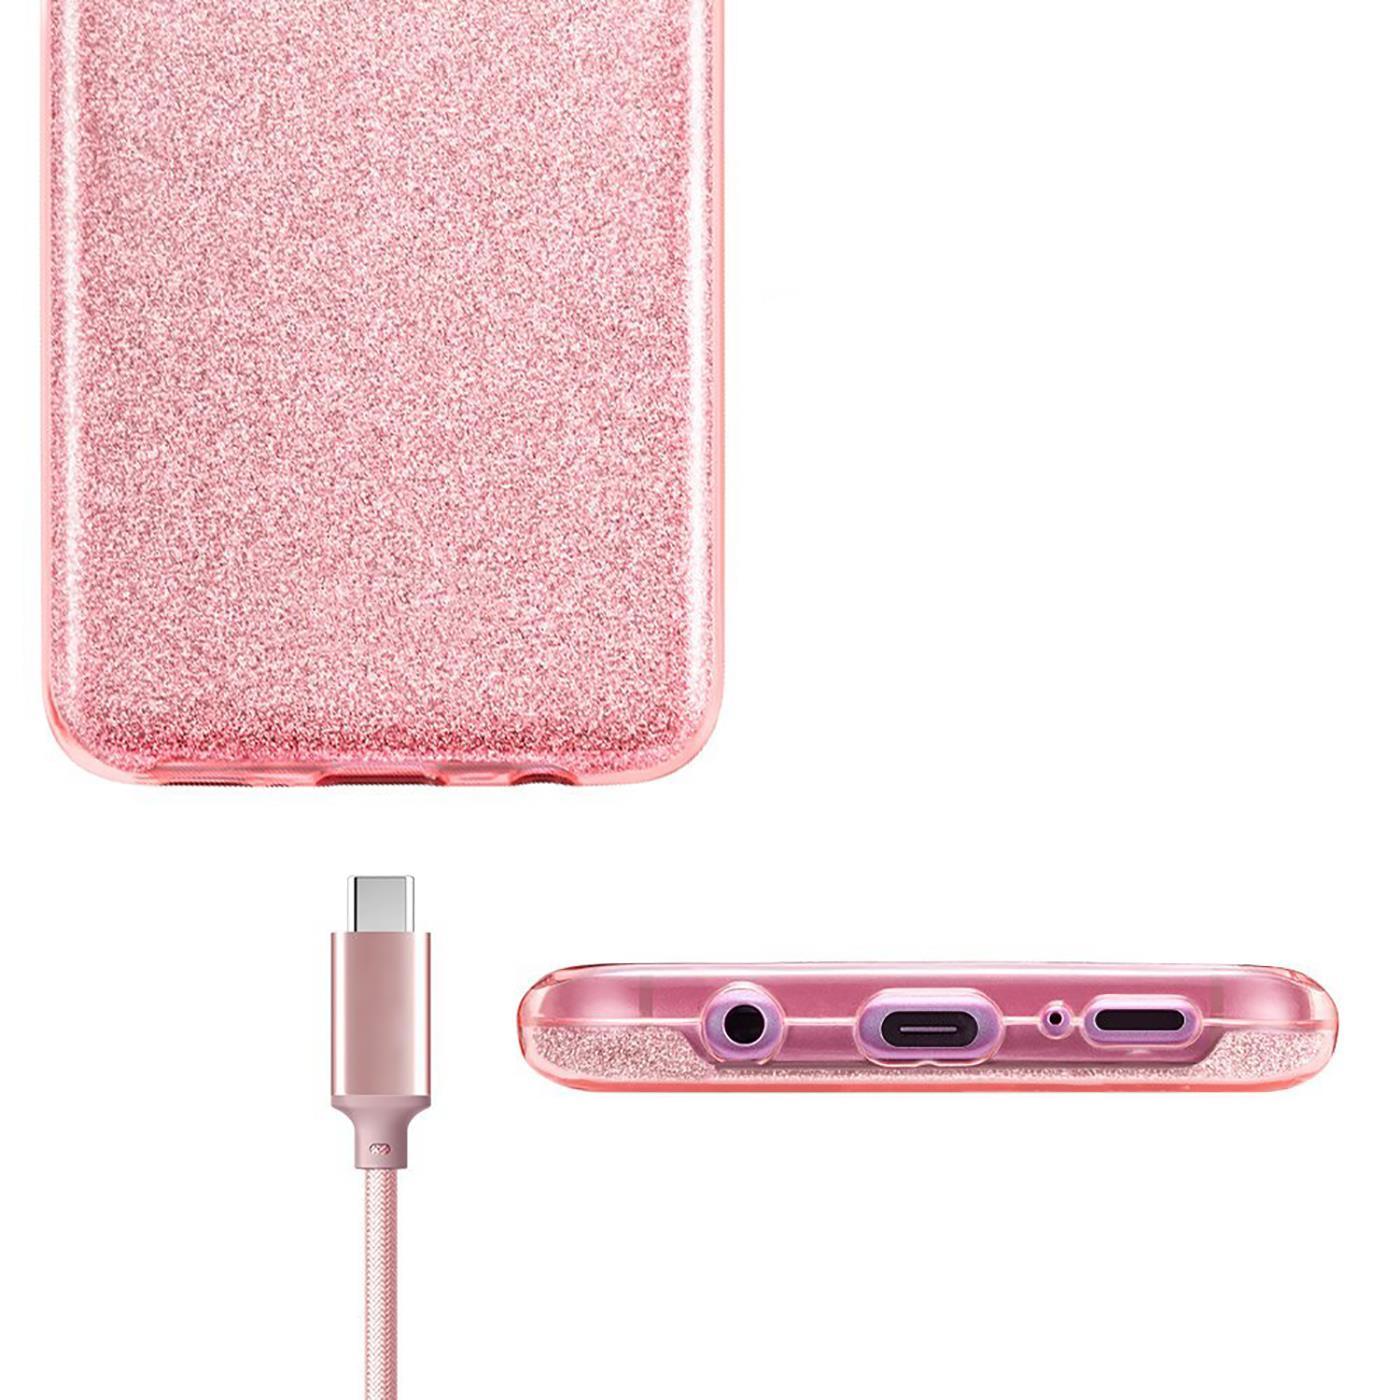 Samsung-Galaxy-S20-Serie-Schutz-Huelle-Handy-Tasche-Handyhuelle-Glitzer-Case-Slim Indexbild 11